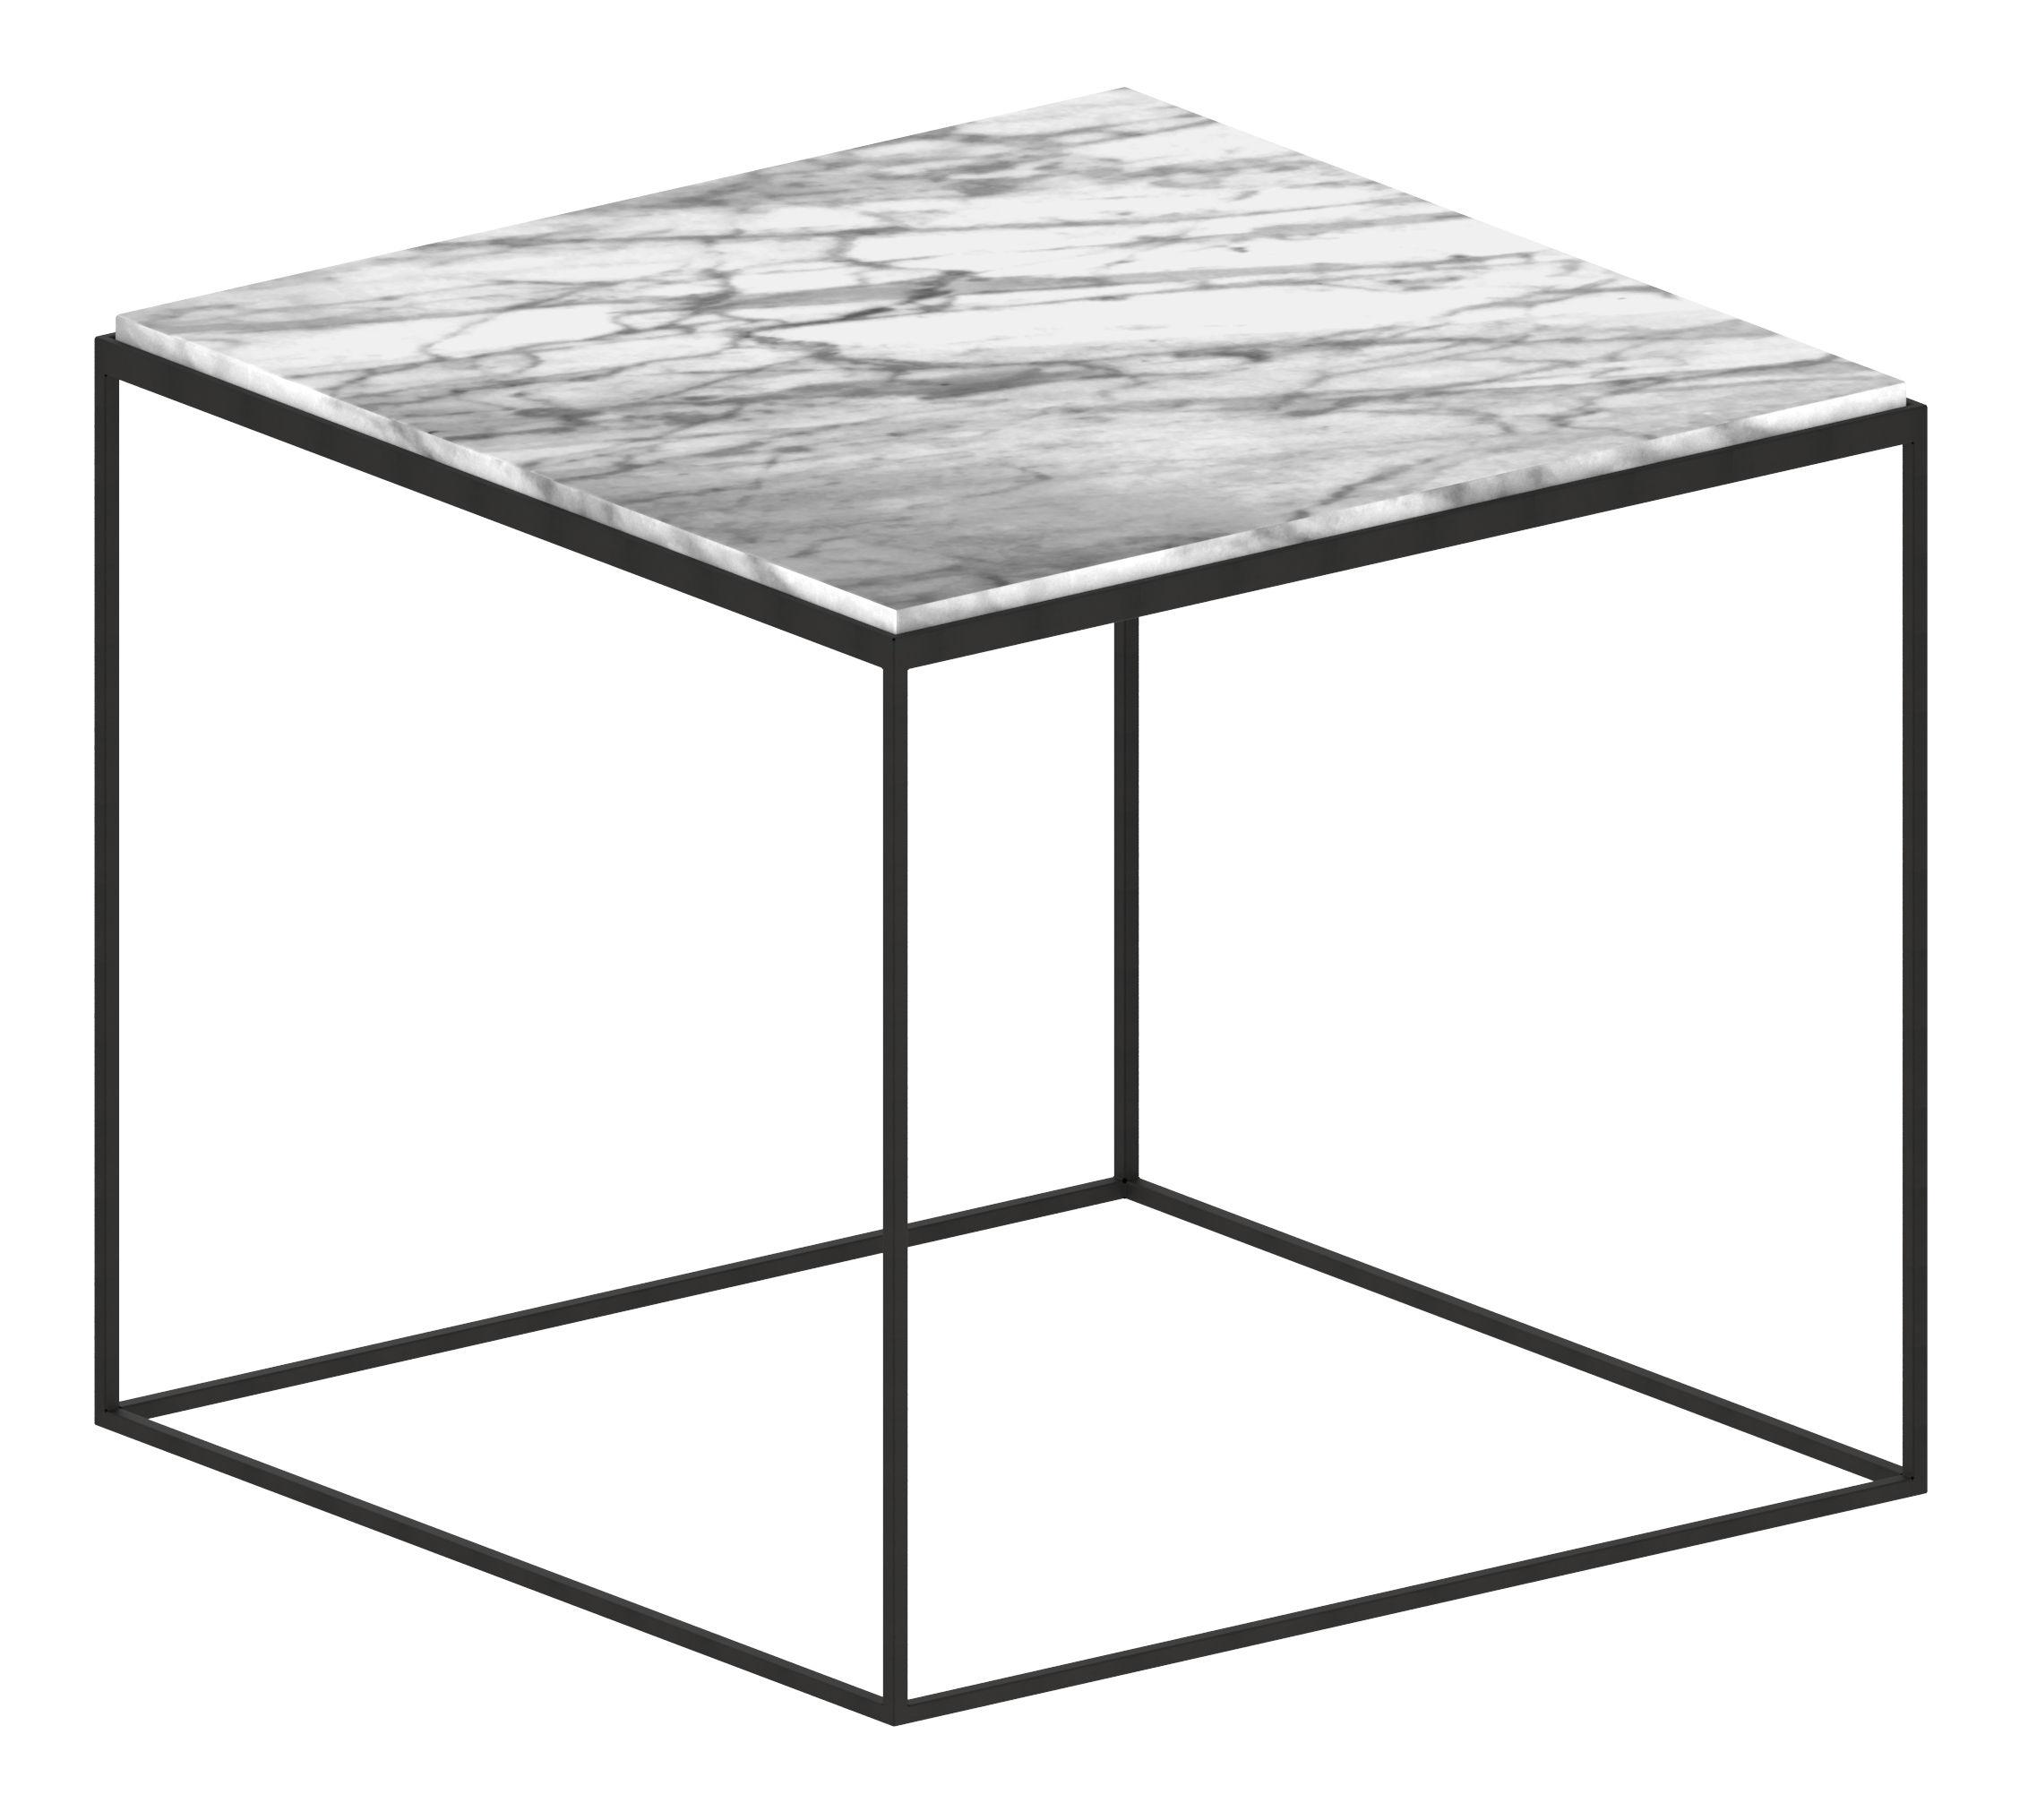 Mobilier - Tables basses - Table basse Slim Marbre / 54 x 54 x H 48 cm - Zeus - Small / Marbre blanc - Acier peint époxy, Marbre de Carrare